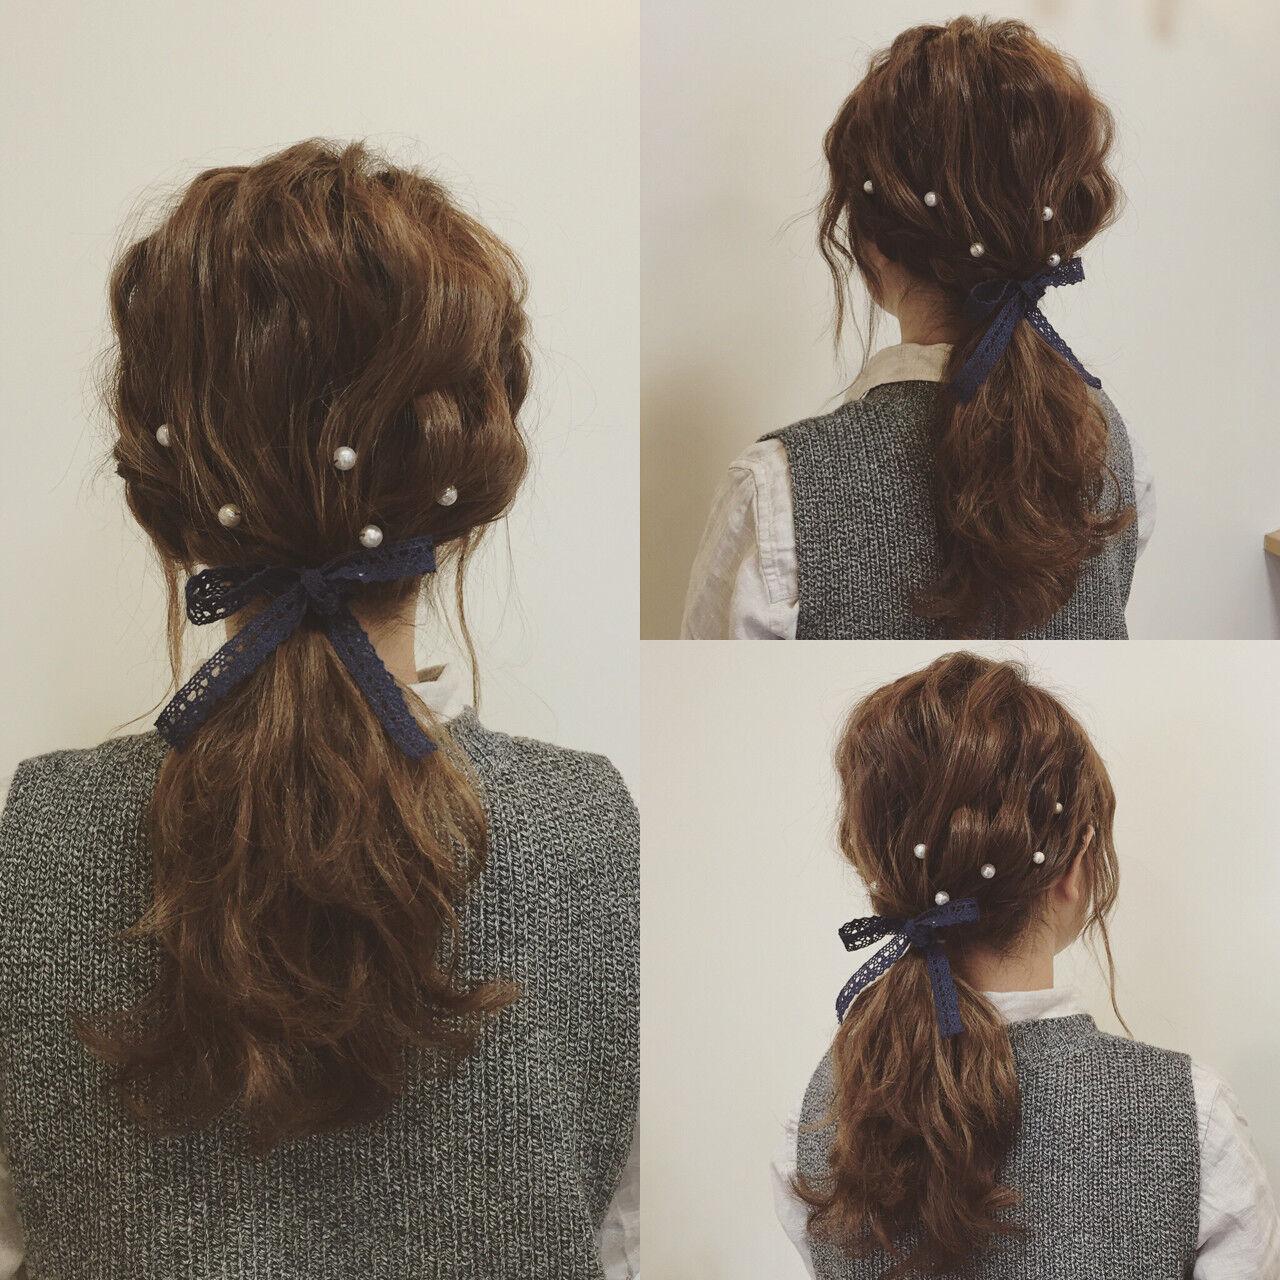 セミロング 結婚式 簡単ヘアアレンジ ヘアアレンジヘアスタイルや髪型の写真・画像